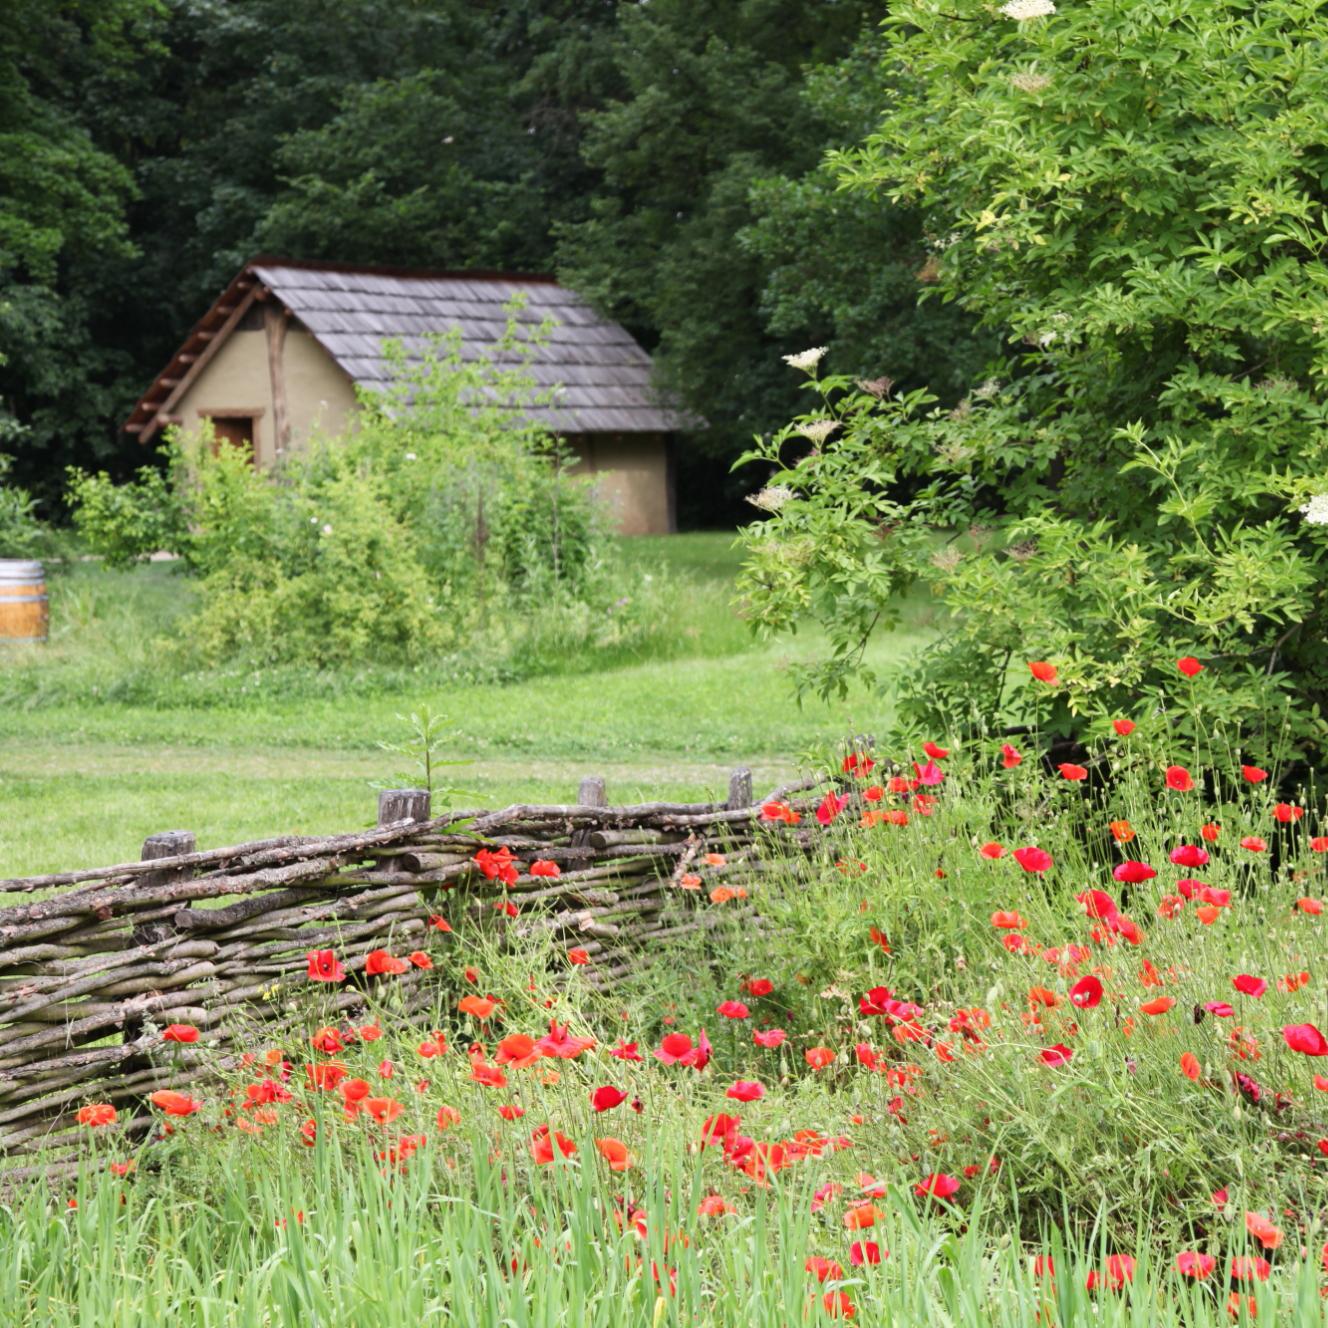 An Asparn Cabin